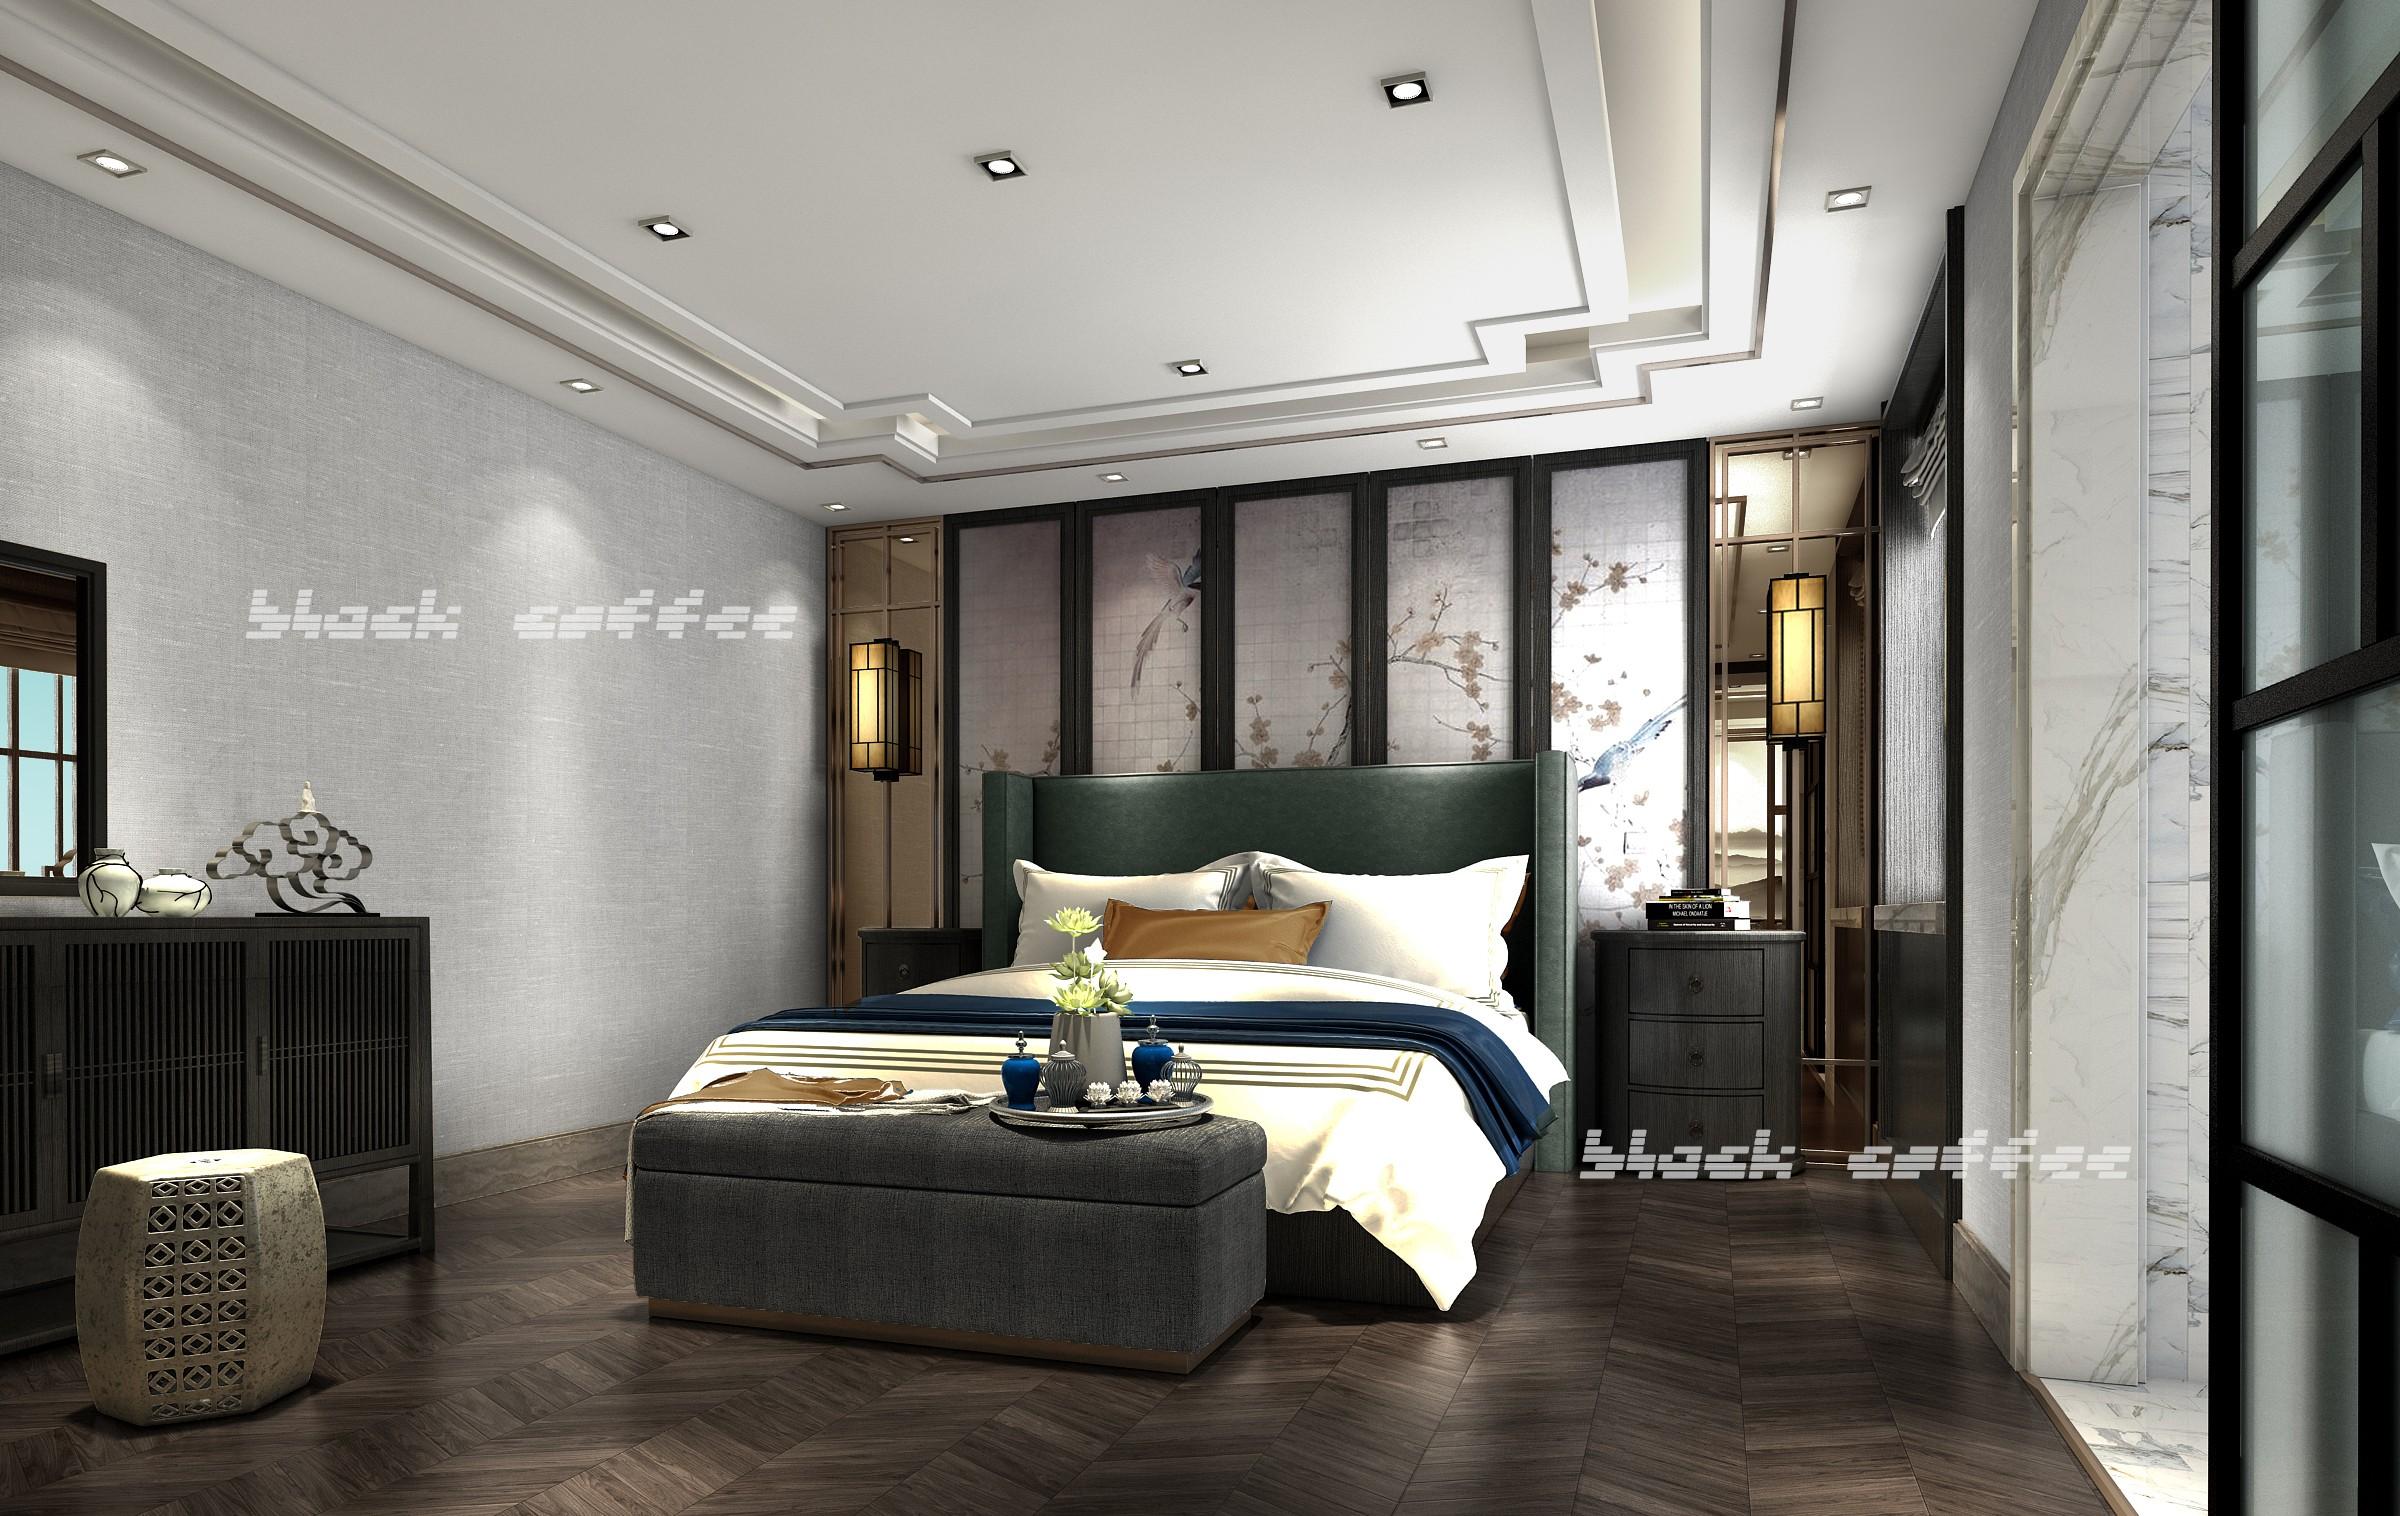 黑咖啡新作——新中式套房 - 效果图交流区-建e室内